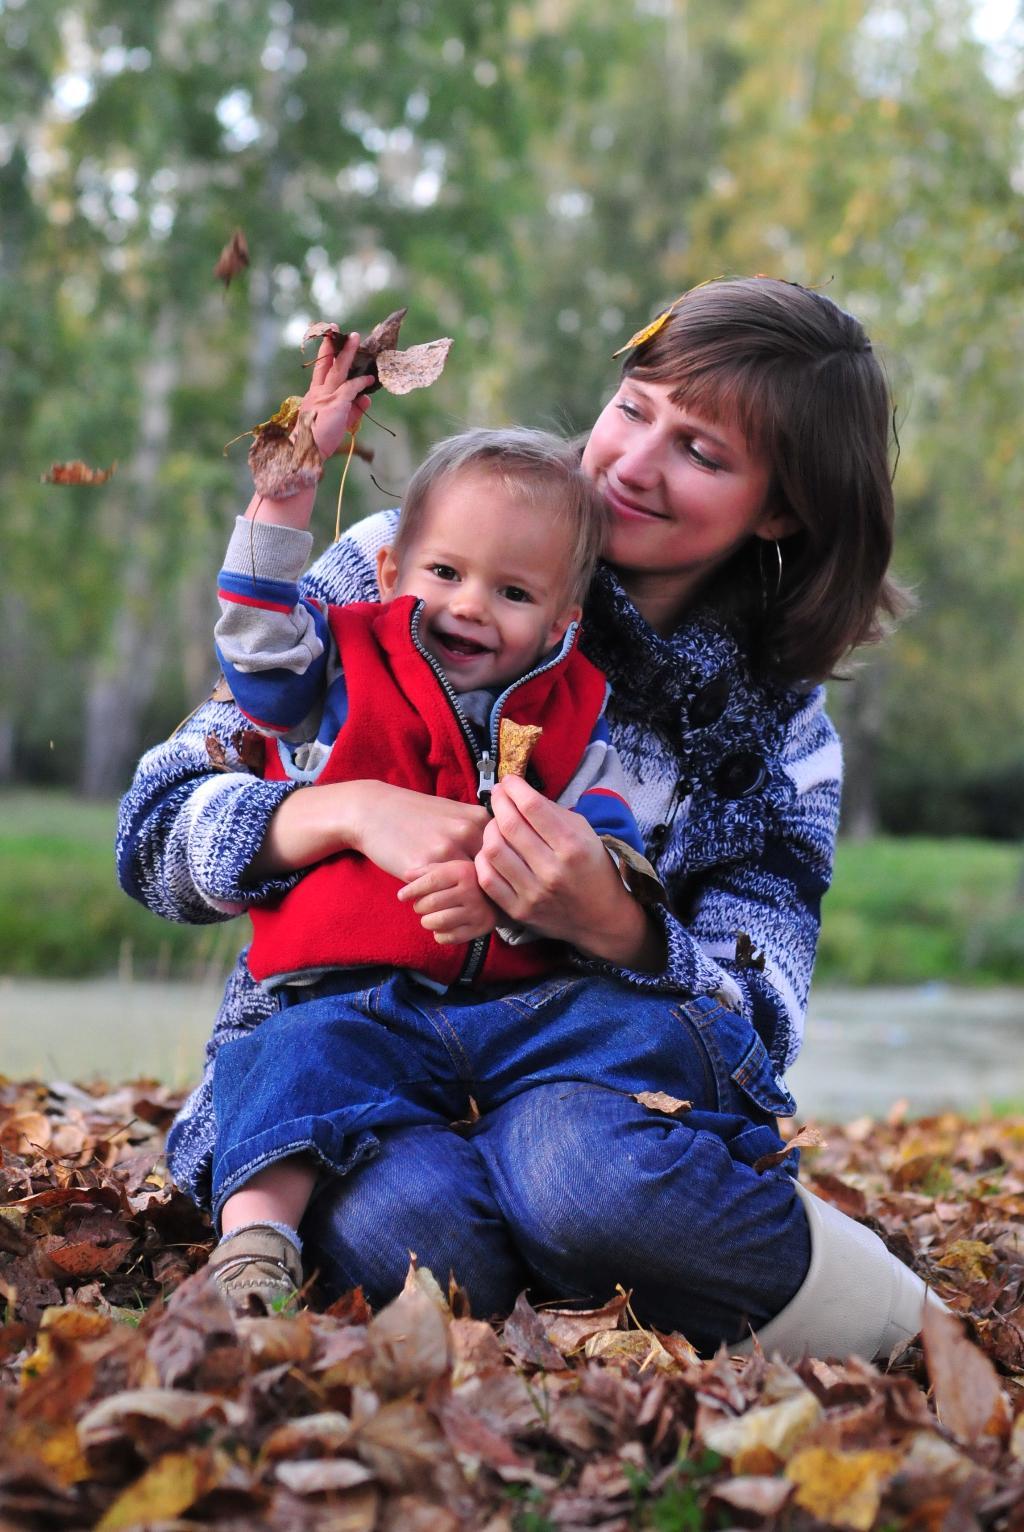 Танец осенних листьев. С мамой на прогулке